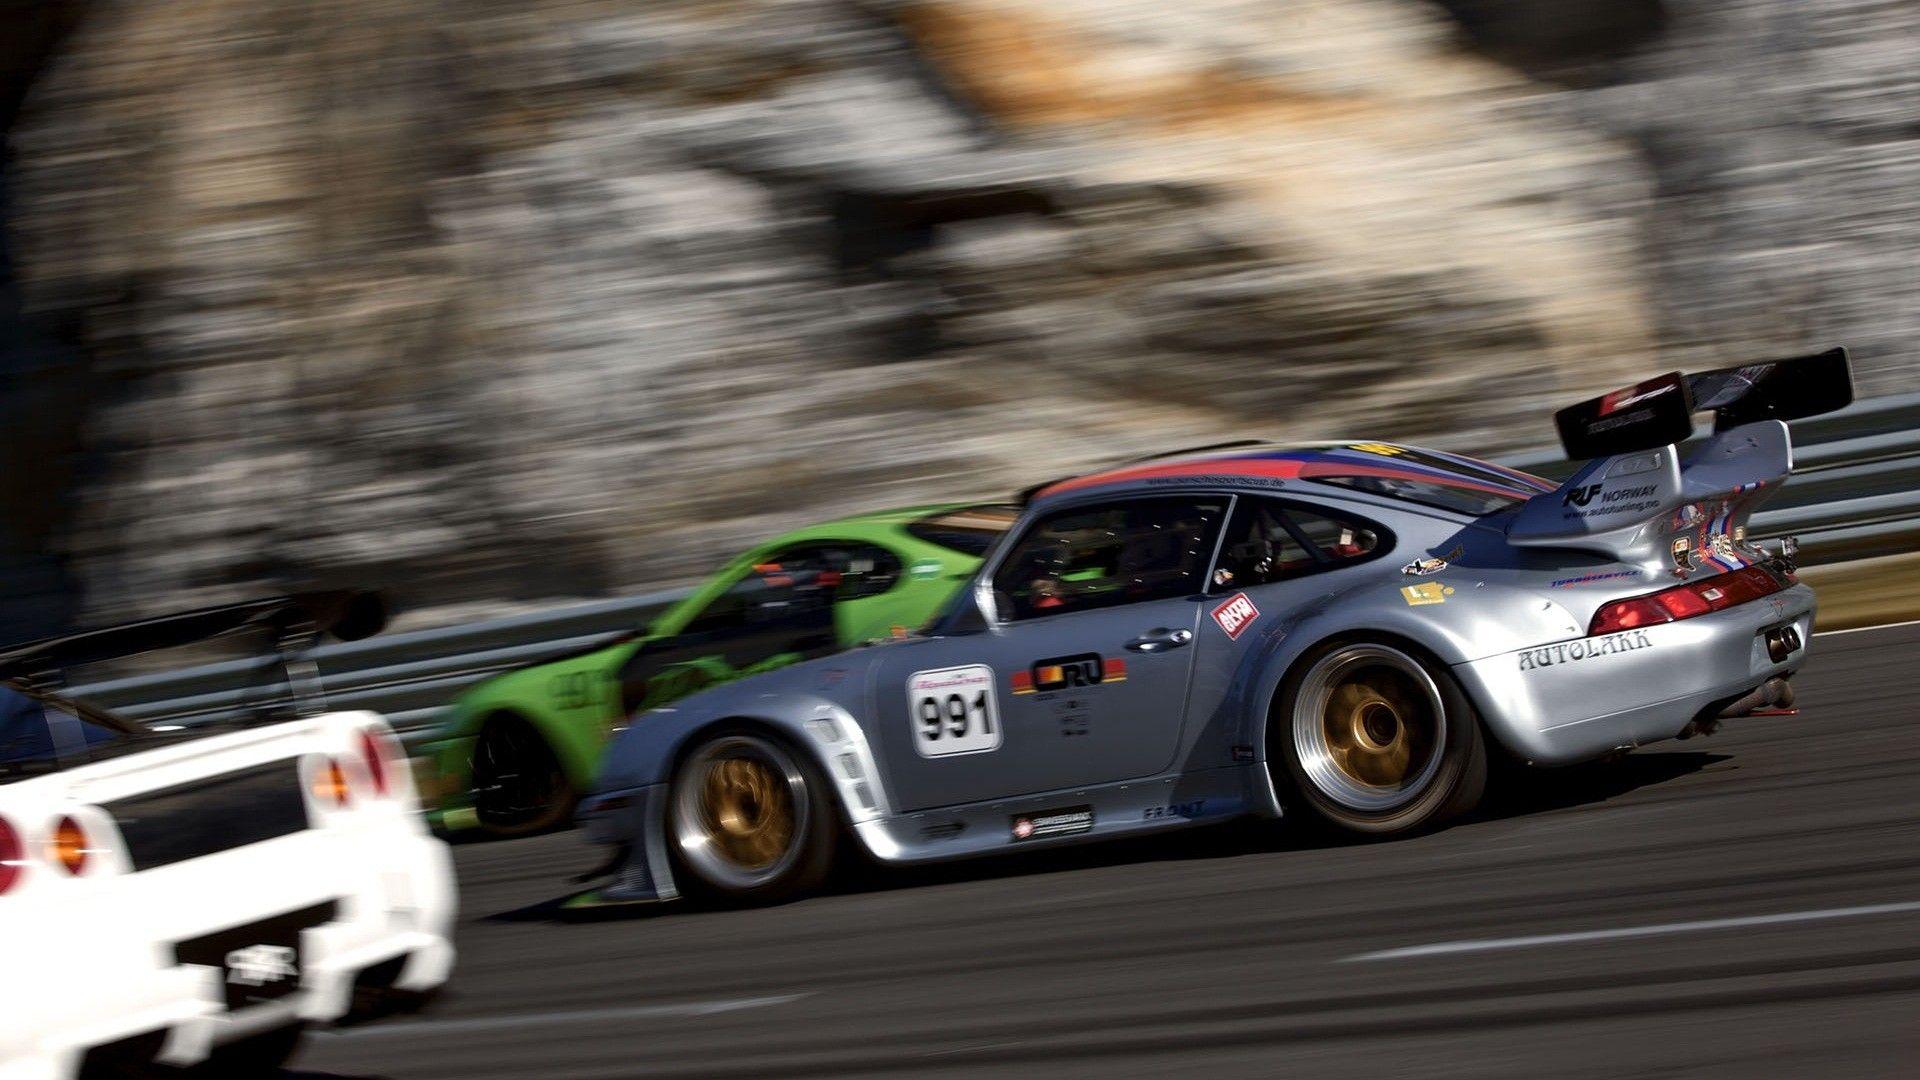 Porsche Wallpapers Racing Race Cars Porsche